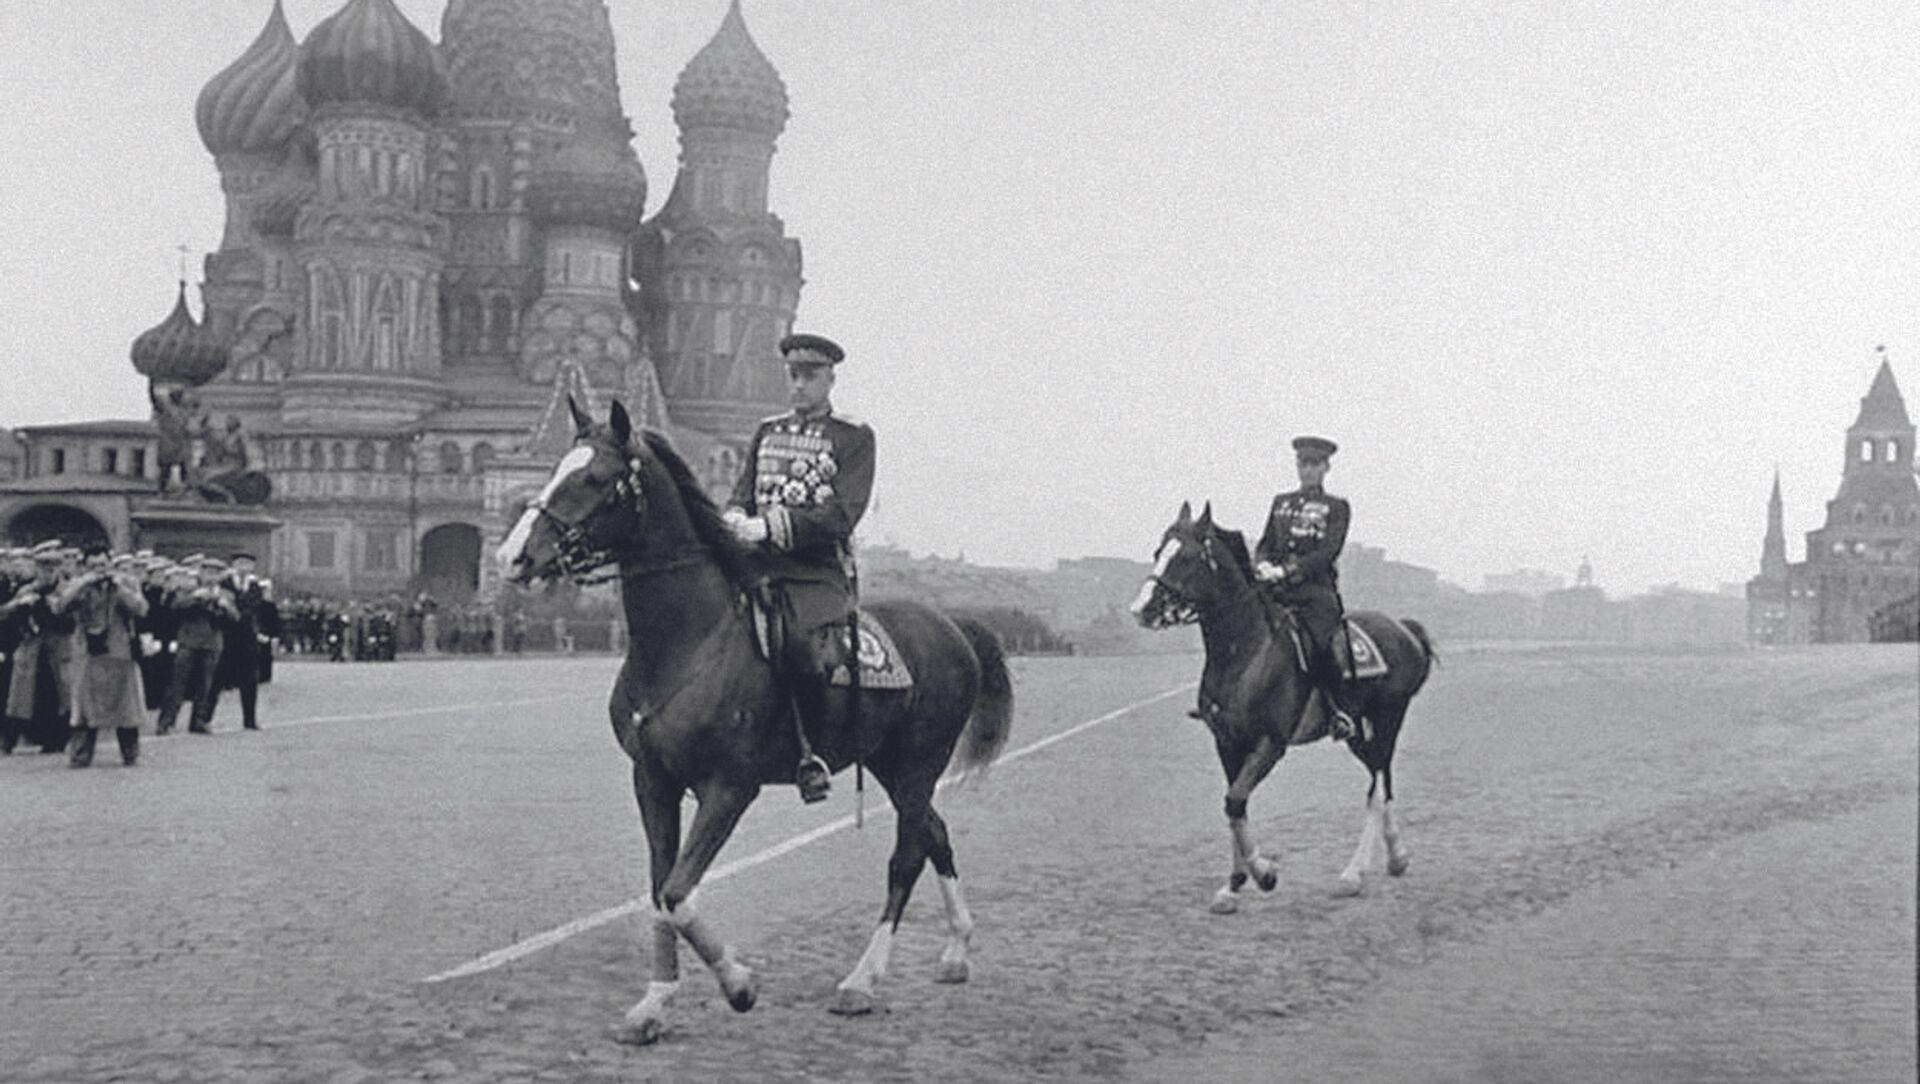 Konstanty Rokossowski, polski i sowiecki żołnierz, dowódca, marszałek Polski i marszałek Związku Radzieckiego, dwukrotny Bohater Związku Radzieckiego - Sputnik Polska, 1920, 14.05.2021